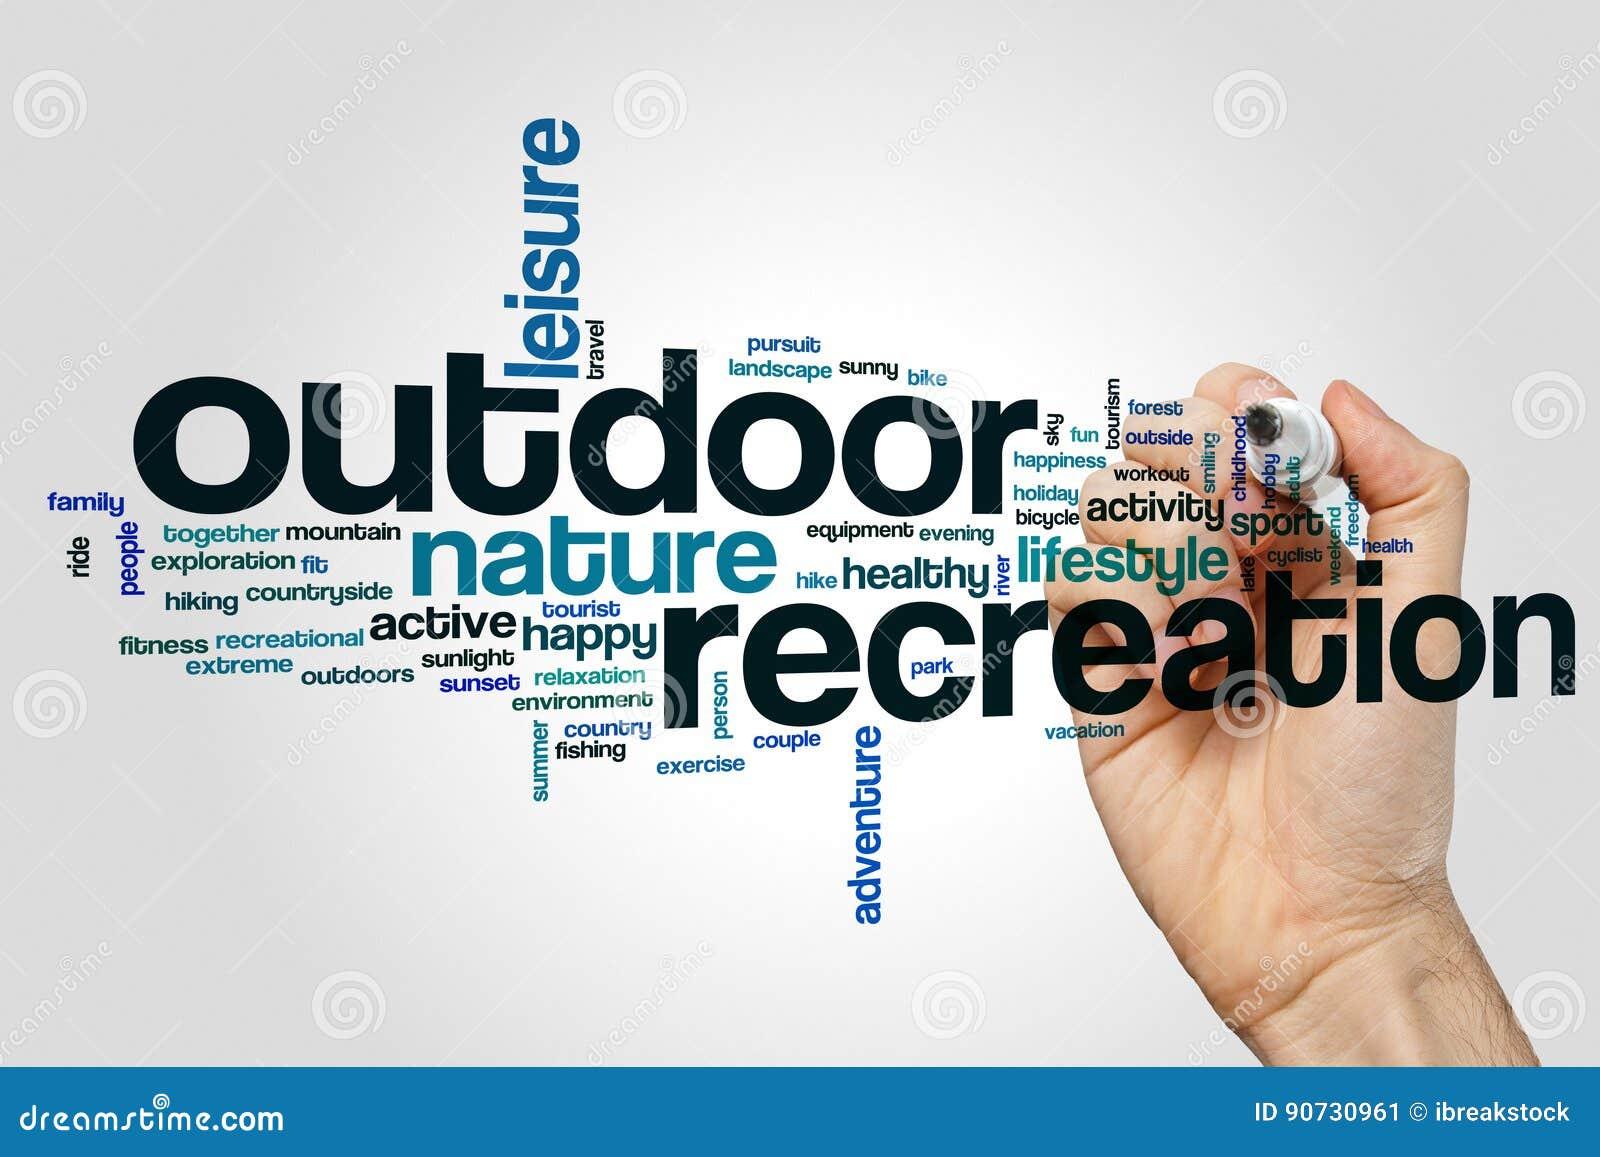 Outdoor recreation word cloud